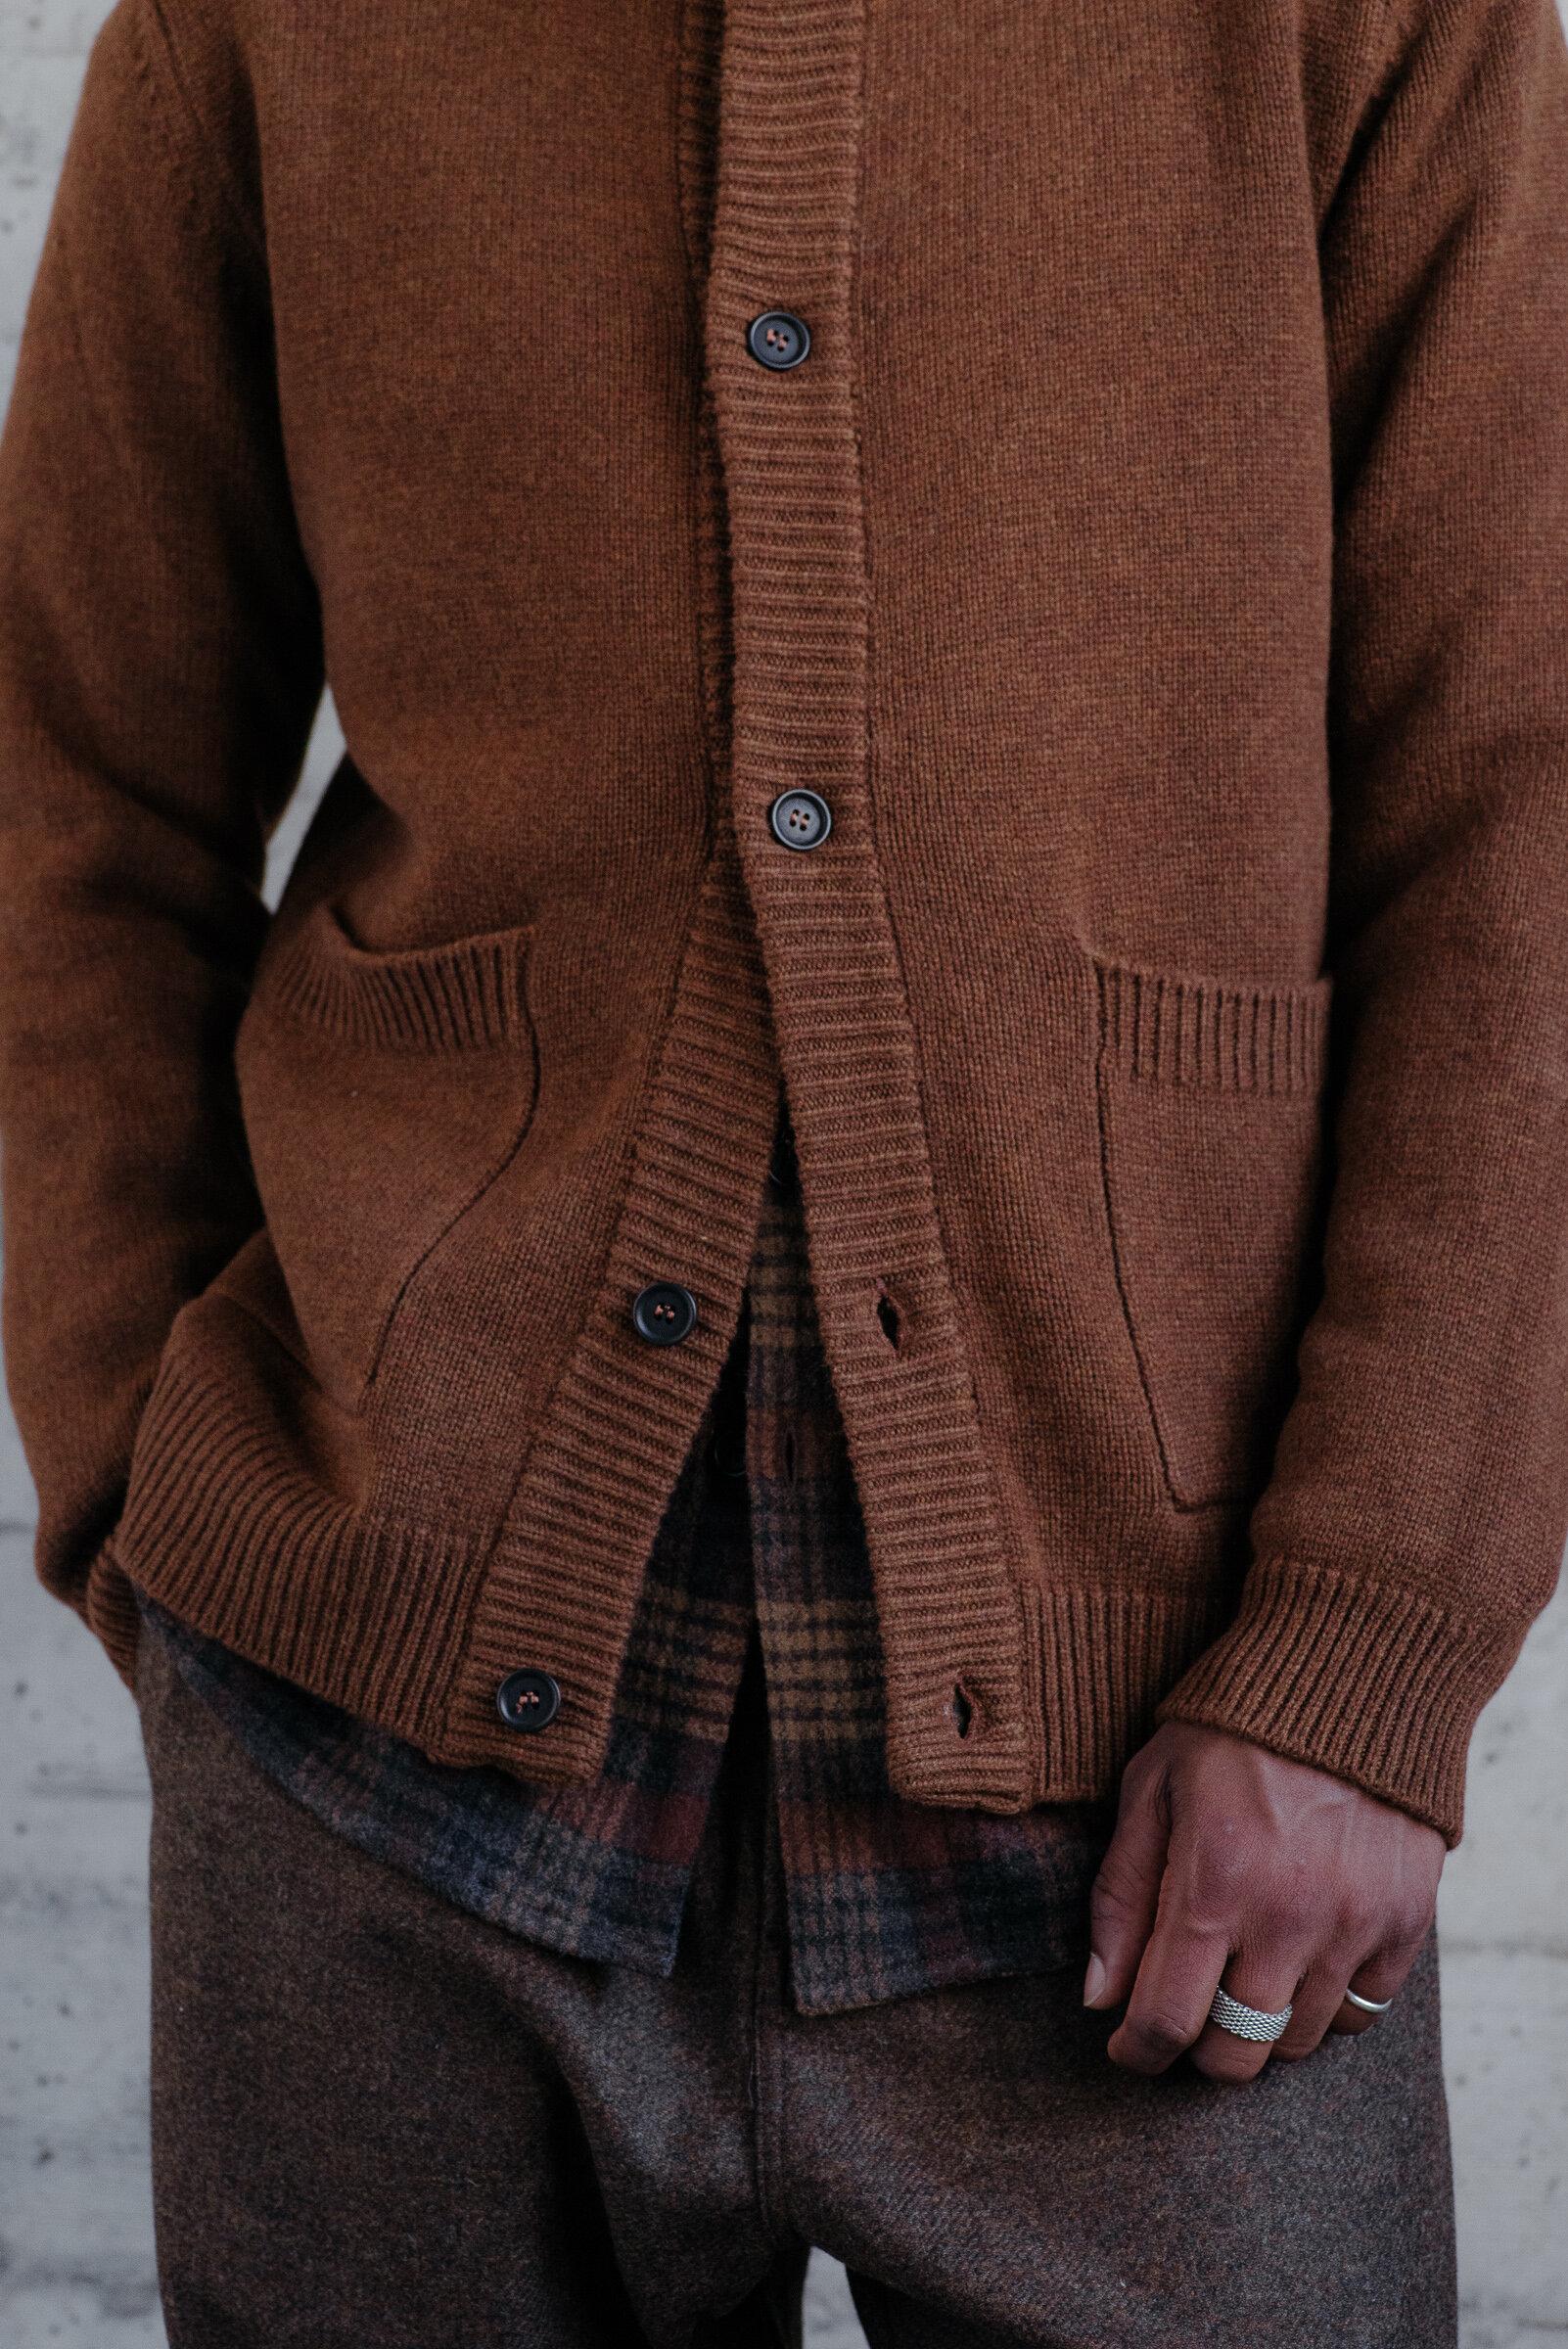 evan-kinori-crewneck-cardigan-sweater-cashmere-lambswool-made-in-italy-4